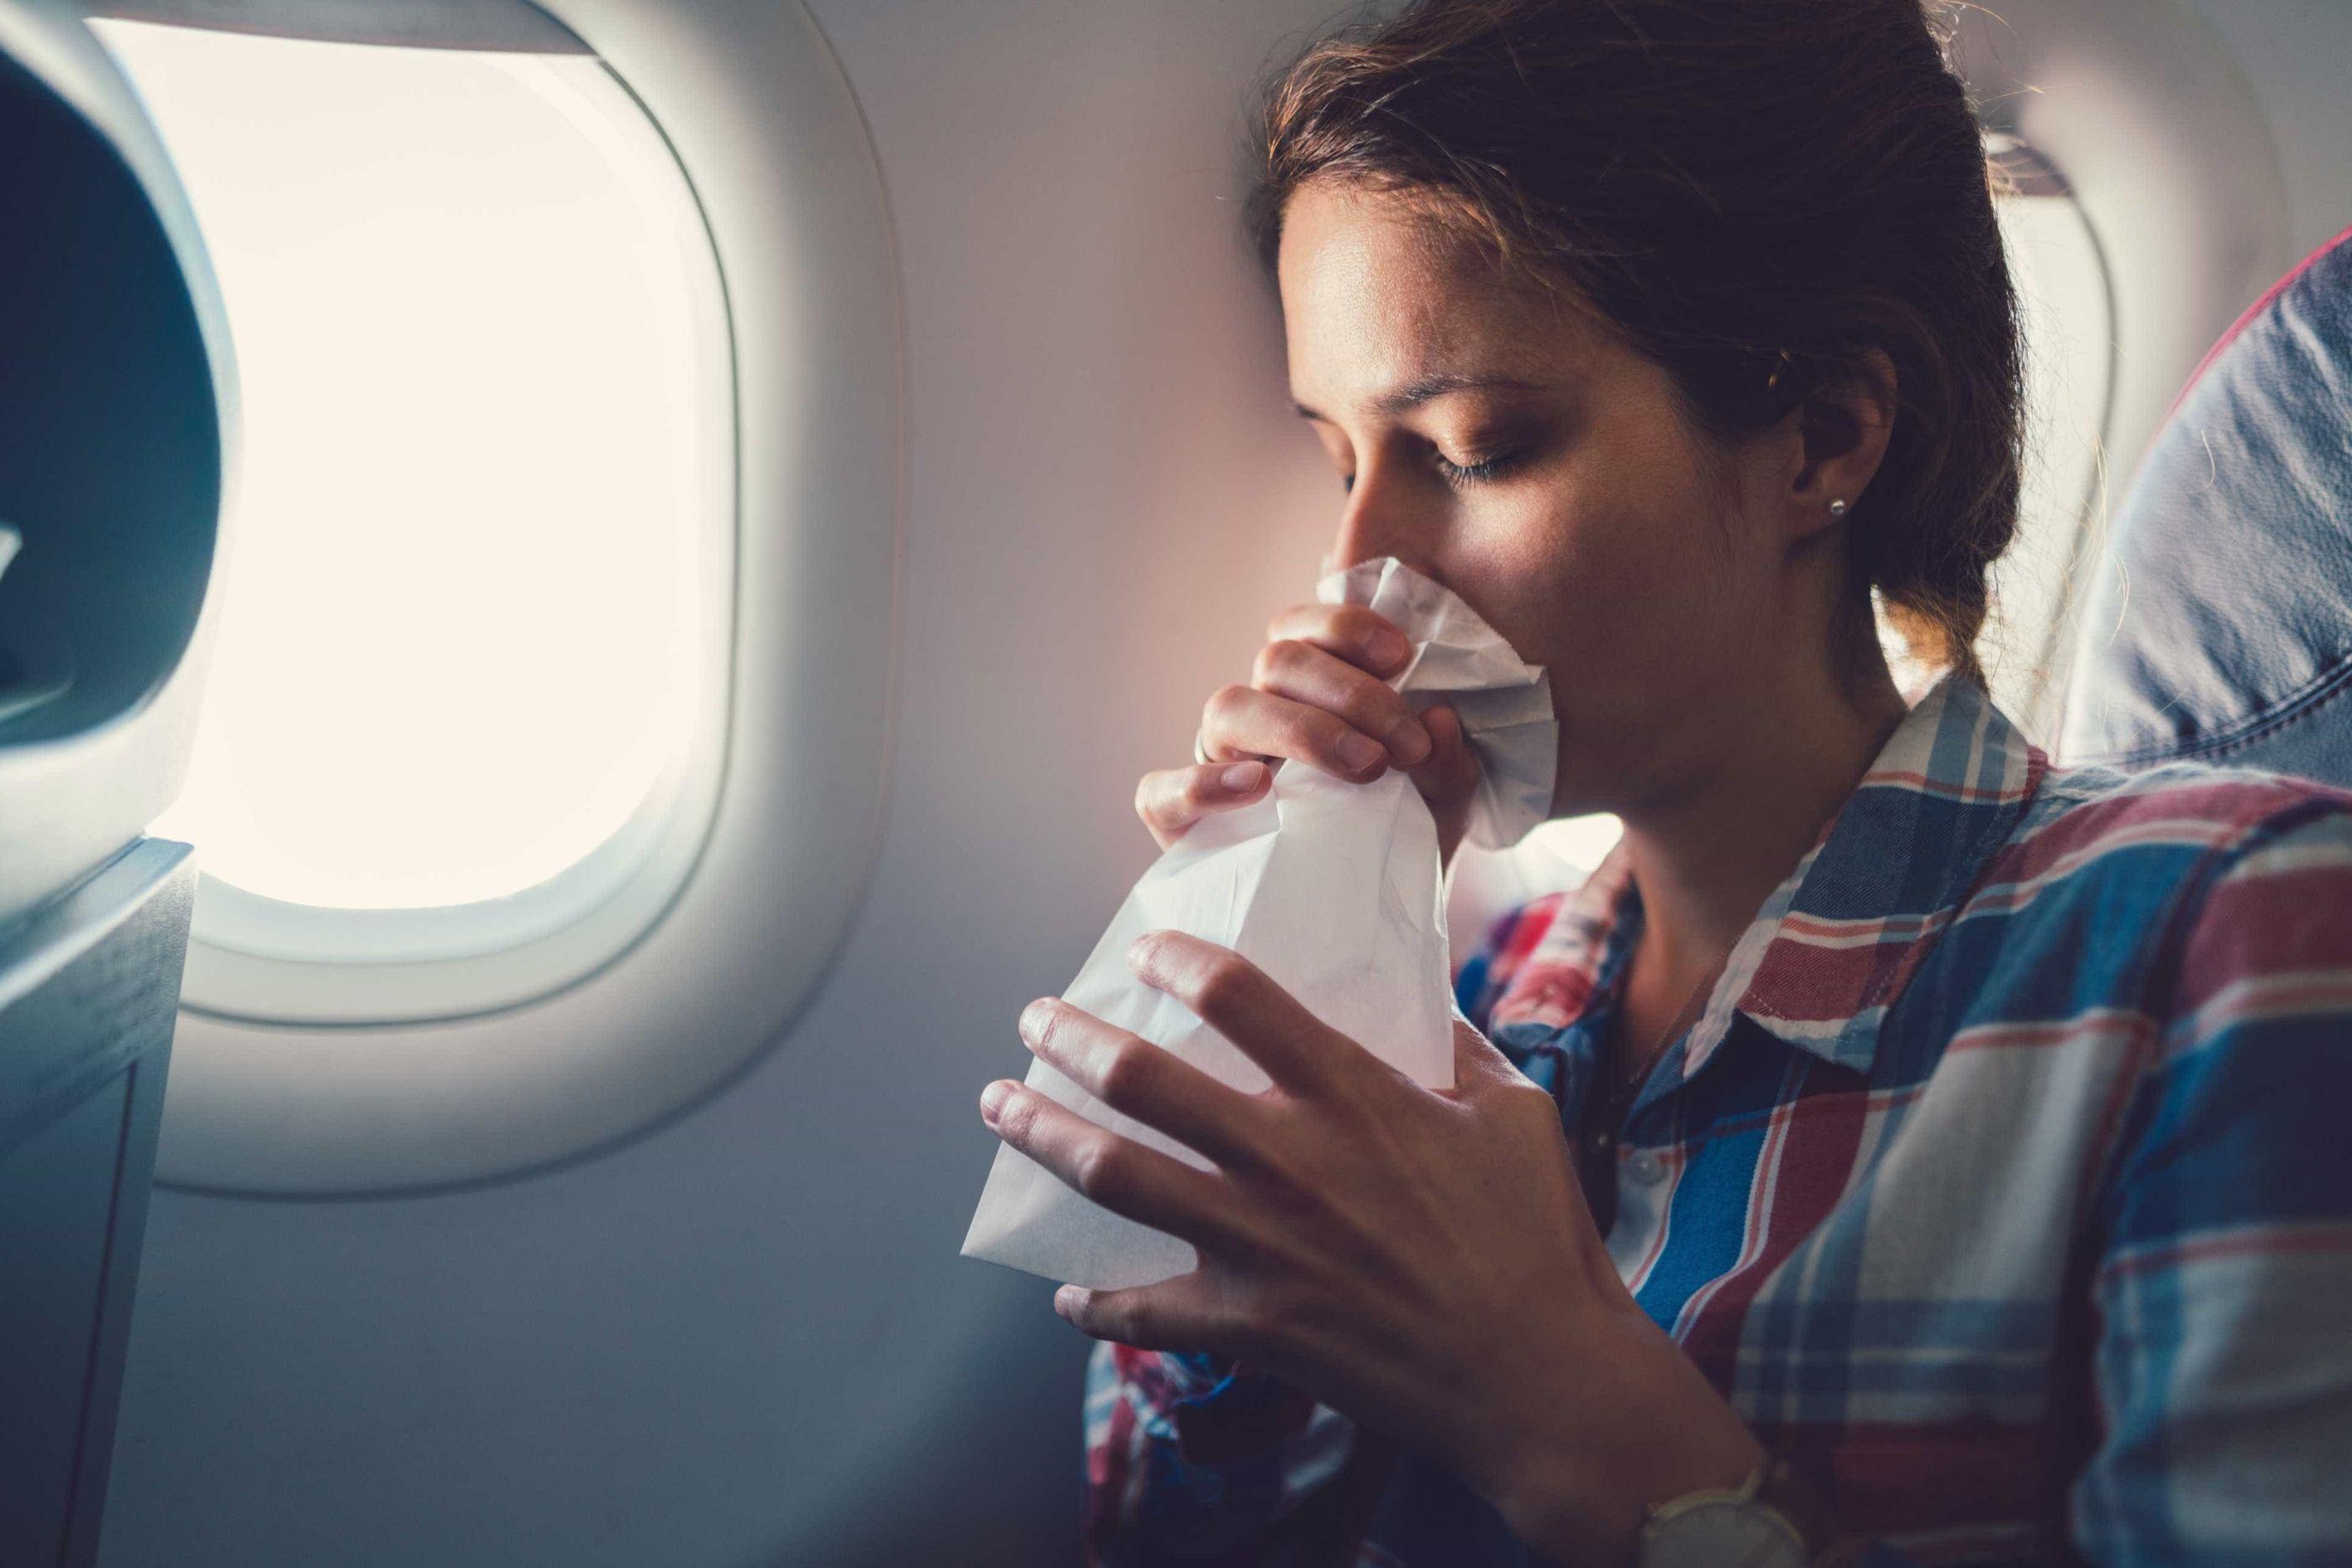 Tem terror de andar de avião? Descubra oito dicas para superar o medo